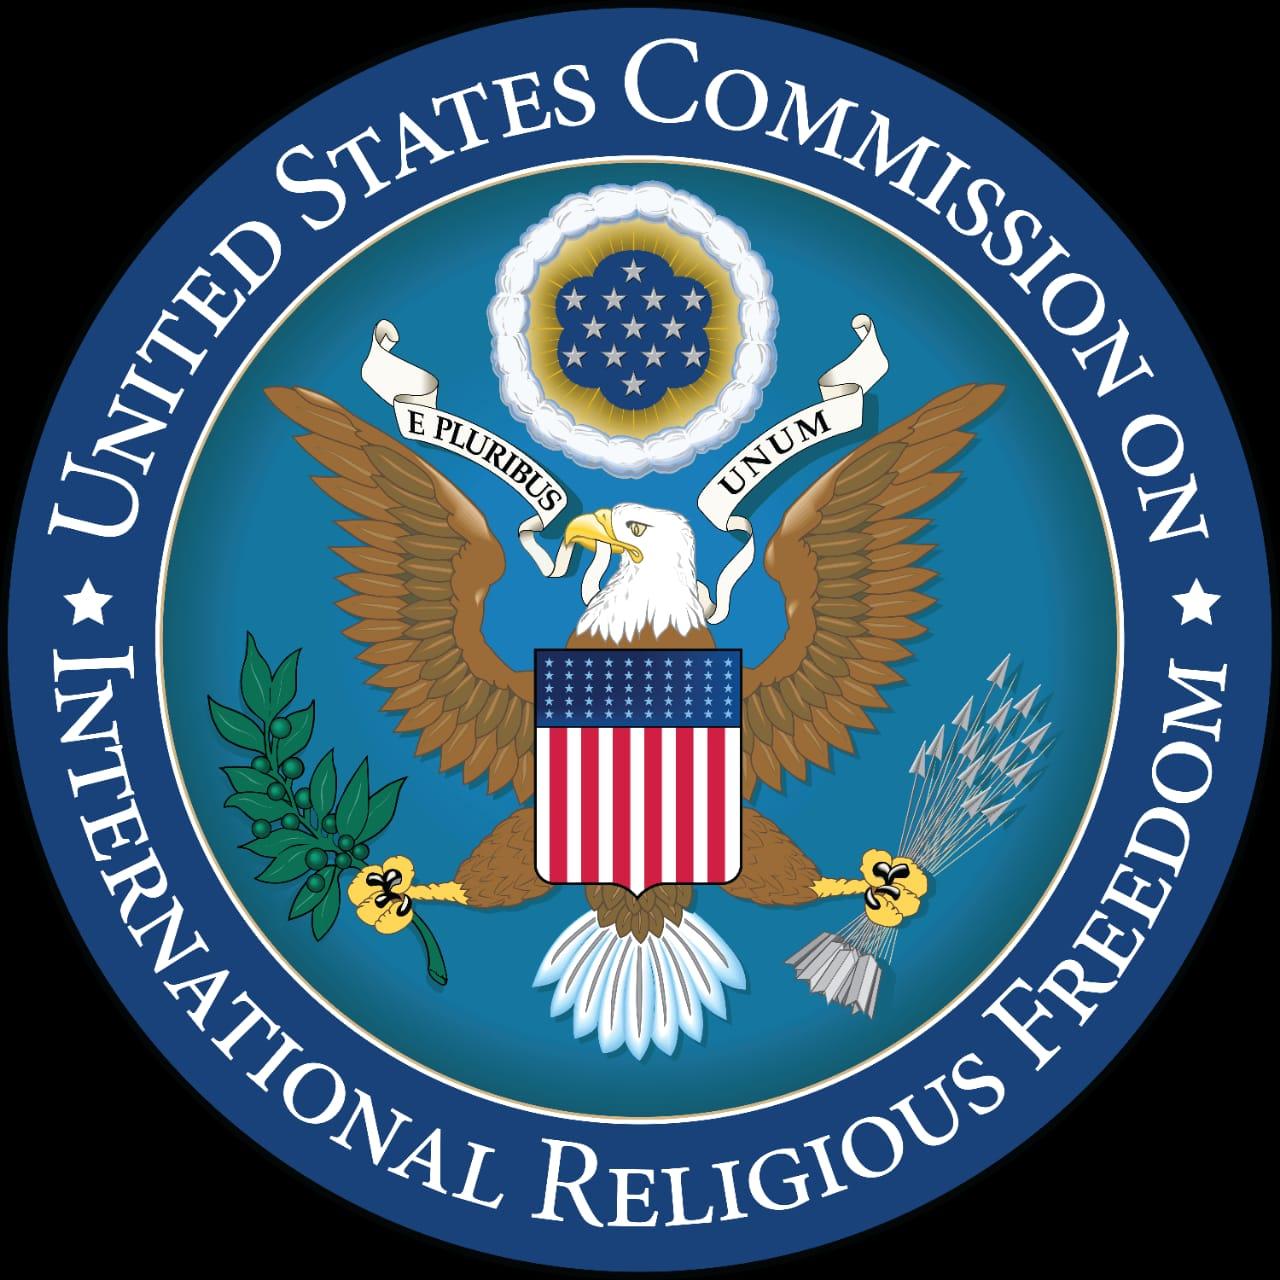 اللجنة الامريكية لحرية الاديان تطالب بالحد من سيطرة المجموعات المسلحة التي تمارس انتهاكات  طائفية